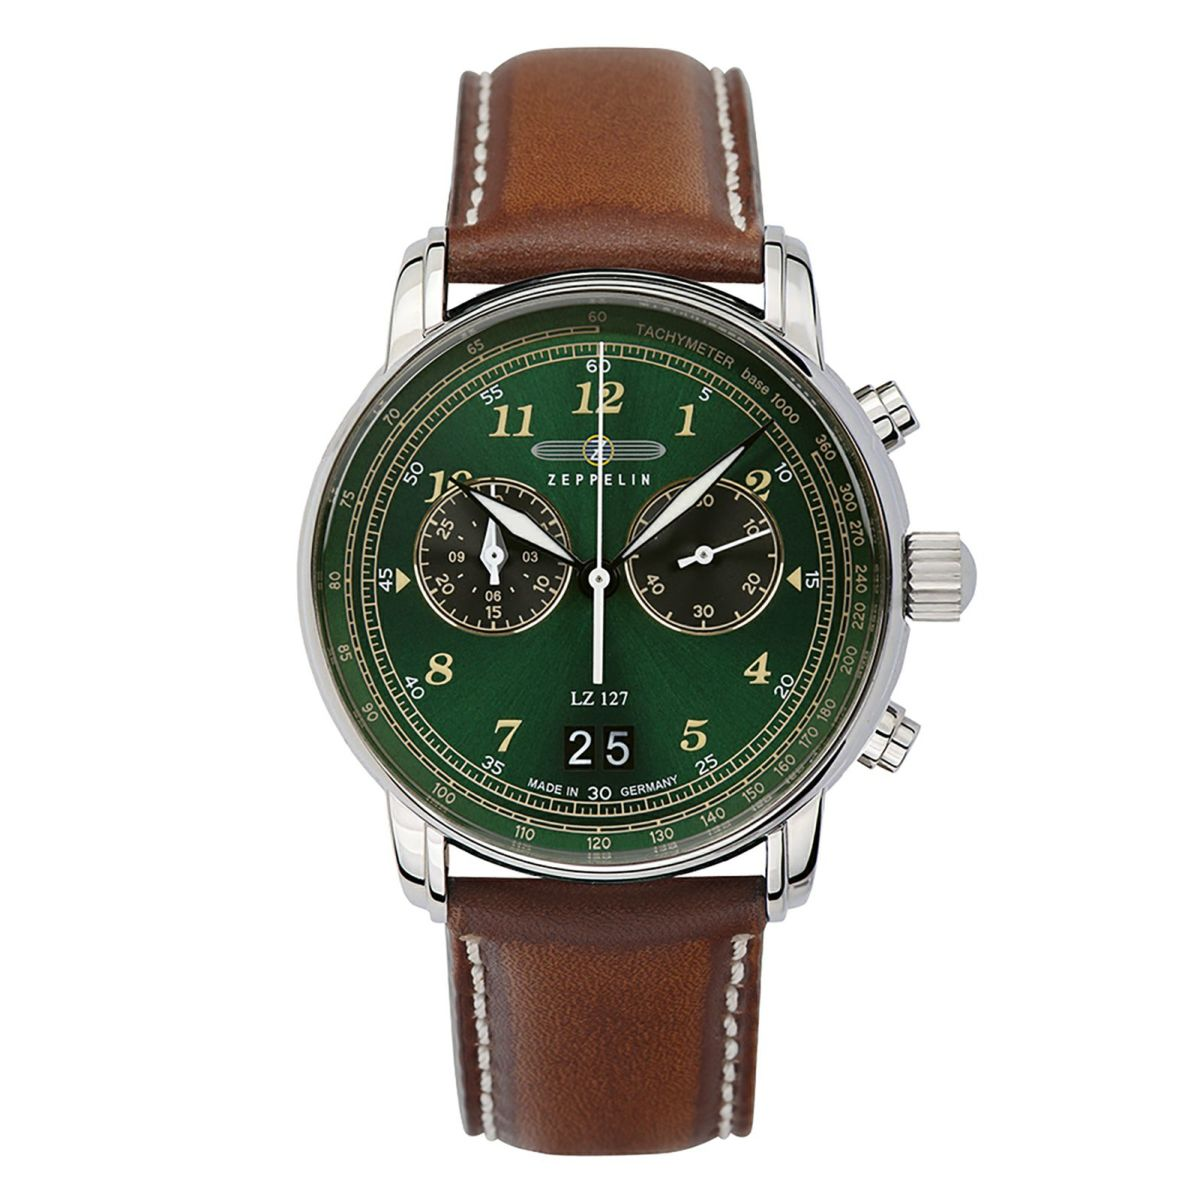 【今ならオリジナル折り畳み傘プレゼント】 ツェッペリン ZEPPELIN 8684-4 グラーフツェッペリン 正規品 腕時計